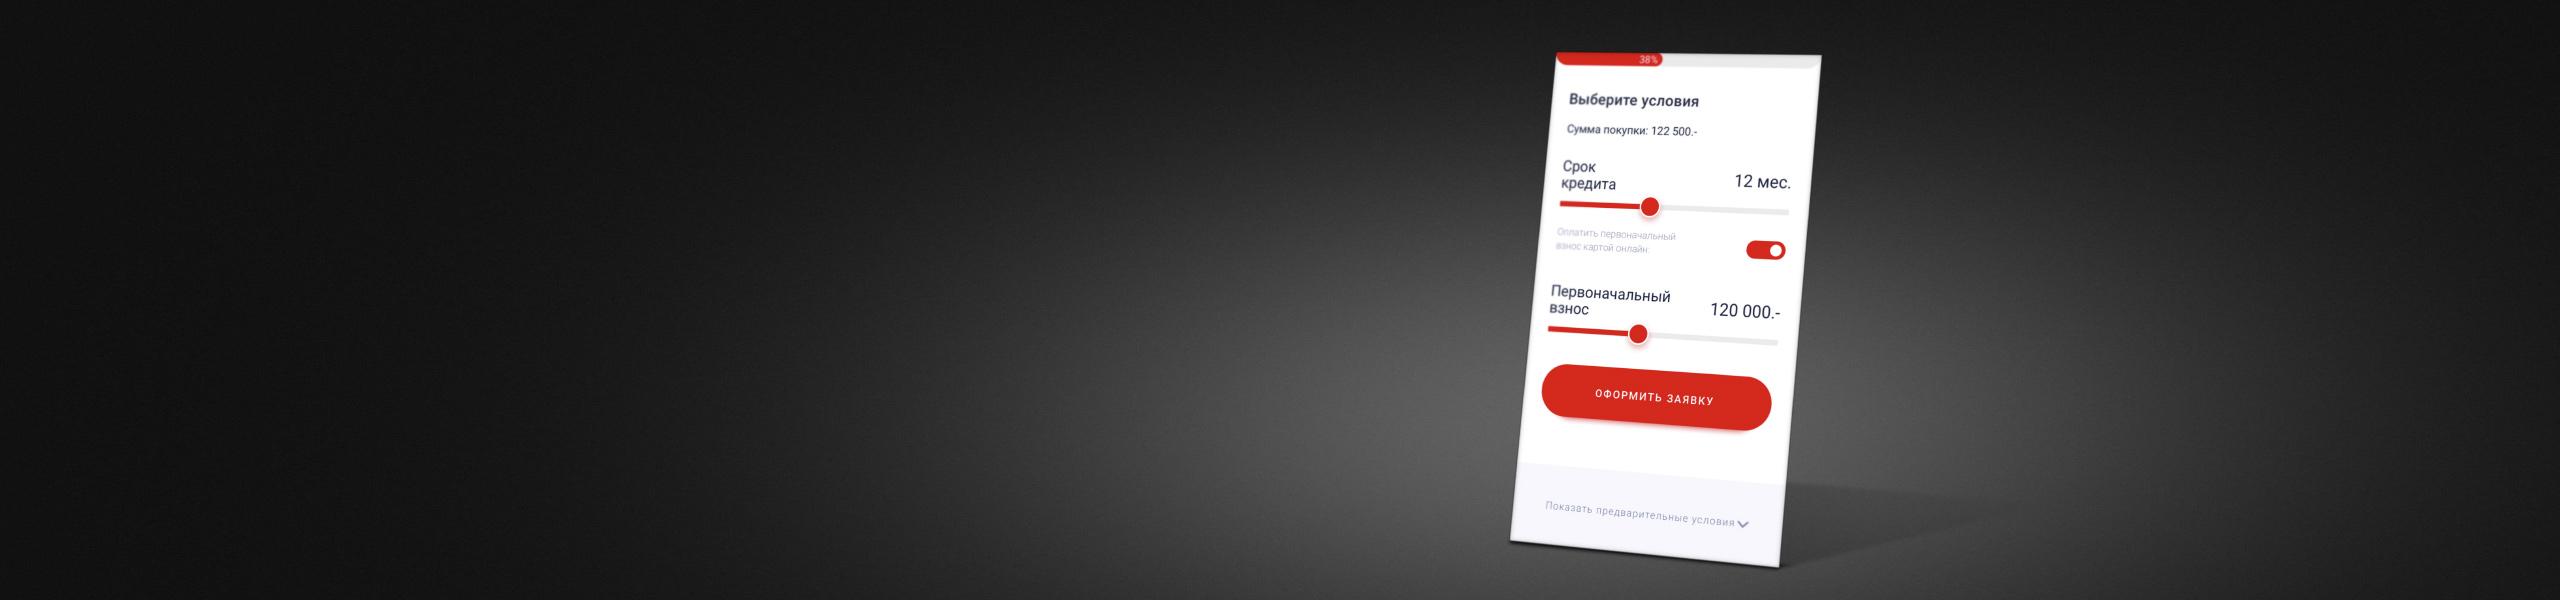 Хоум кредит регистрация в системе турбо стандарт